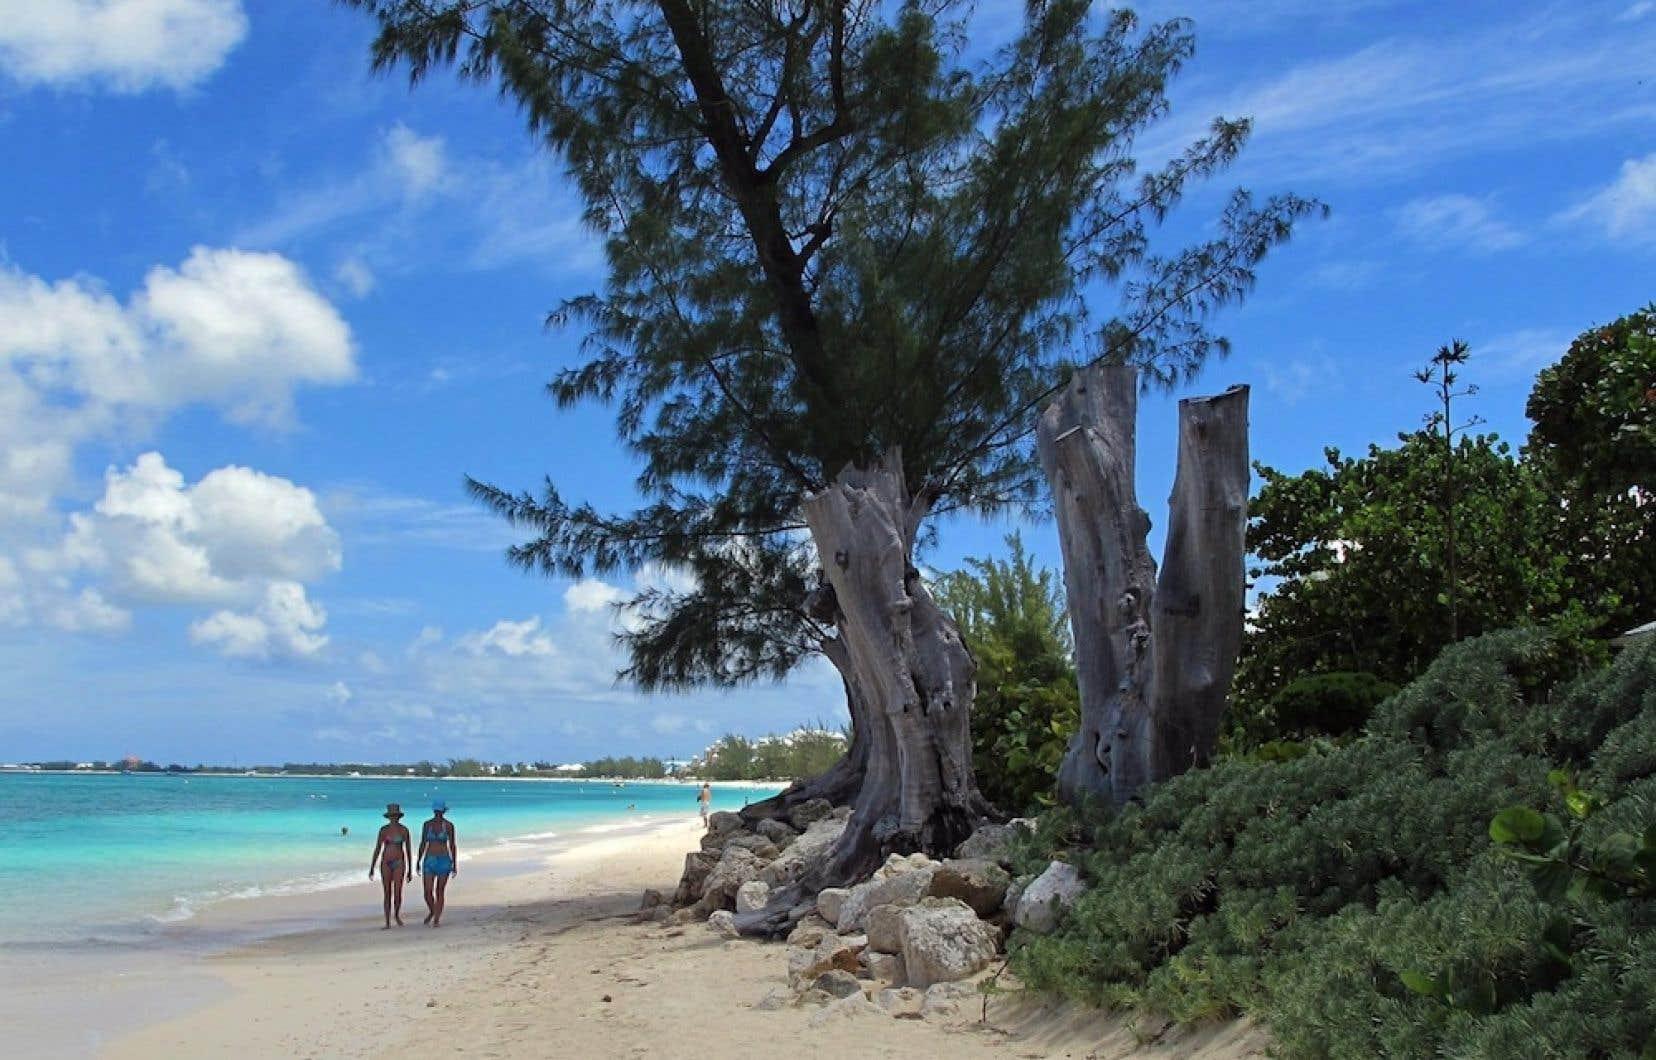 L'ICIJ a mis la main sur un disque dur qui «fourmille de renseignements précis, souvent codés, sur l'identité des administrateurs et les actionnaires de ces sociétés établies dans les îles Vierges britanniques, aux Caïmans, aux îles Cook, aux Samoa, à Singapour», écrit une journaliste du journal Le Monde.